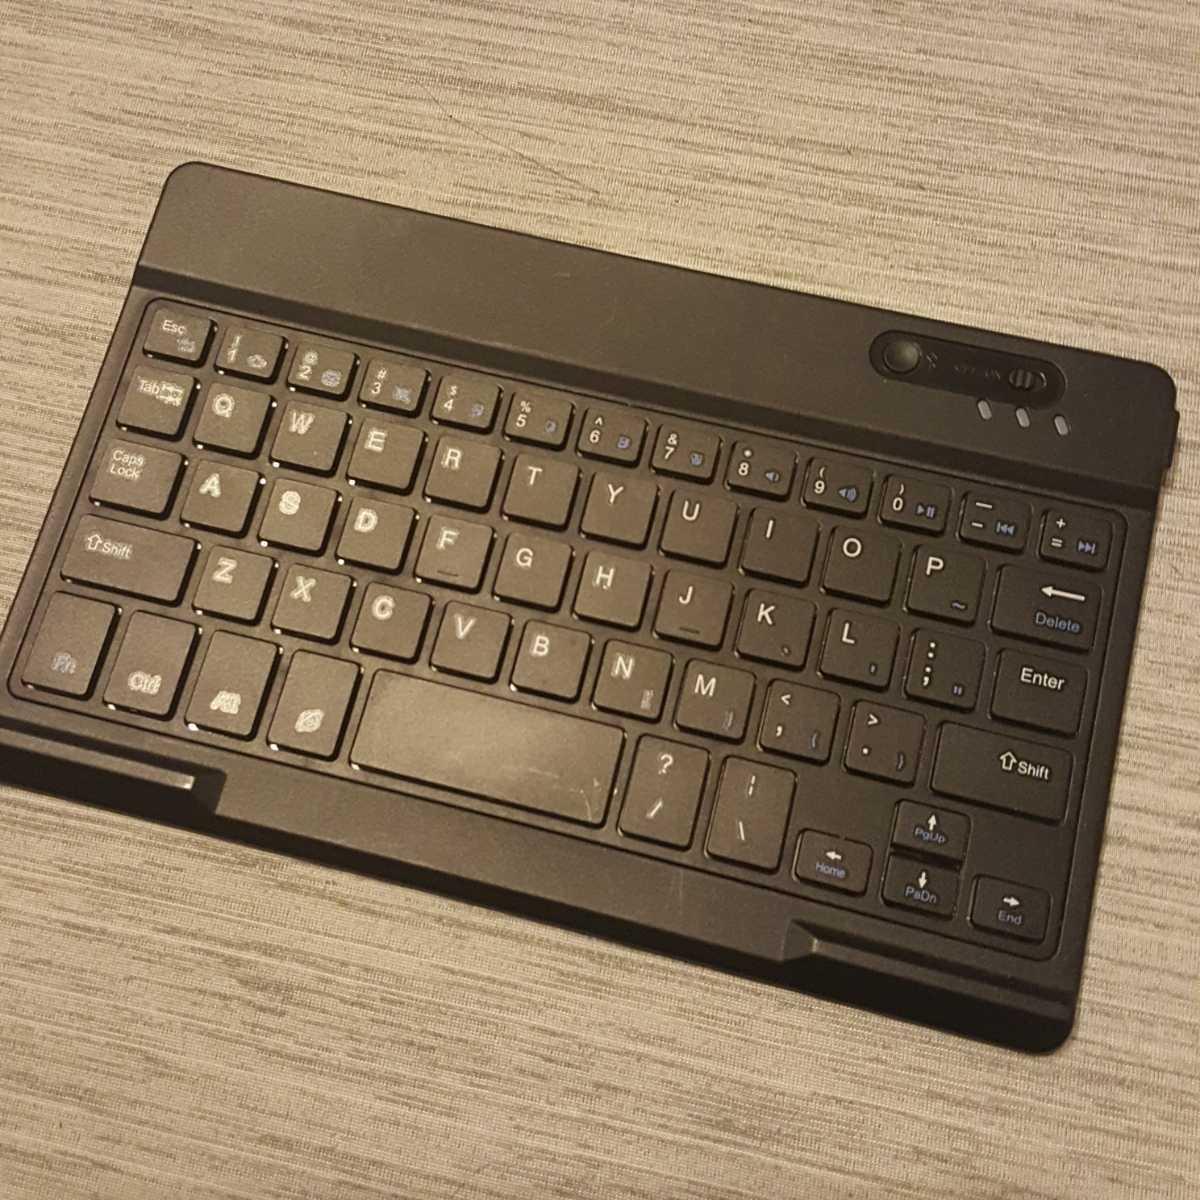 Bluetoothキーボード ワイヤレスキーボード 軽量 送料サービス 13cm×20cm コンパクト